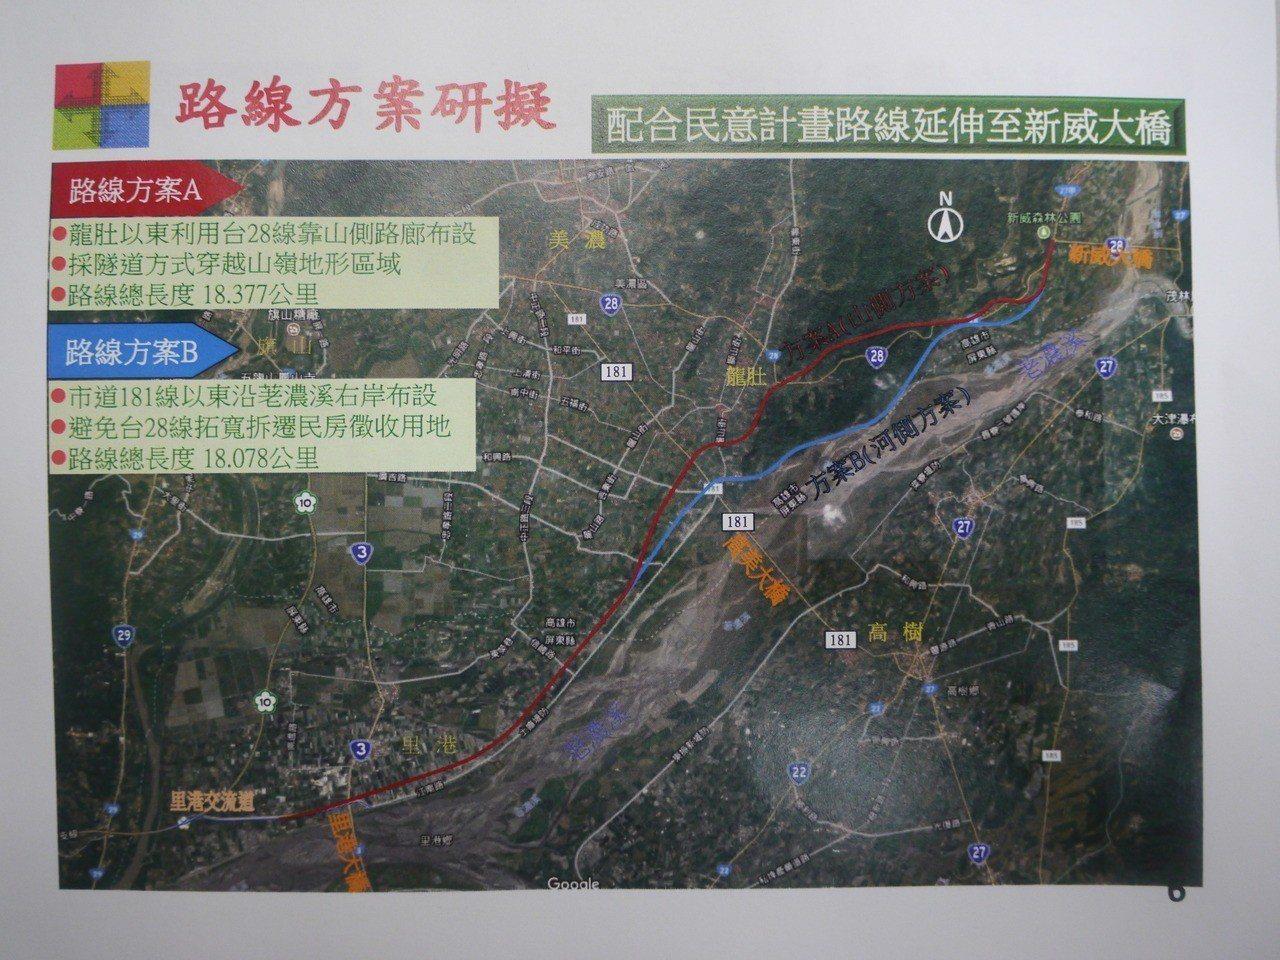 公路總局配合民意延伸的規劃路線有兩方案,分別走山線與河線。記者徐白櫻/翻攝